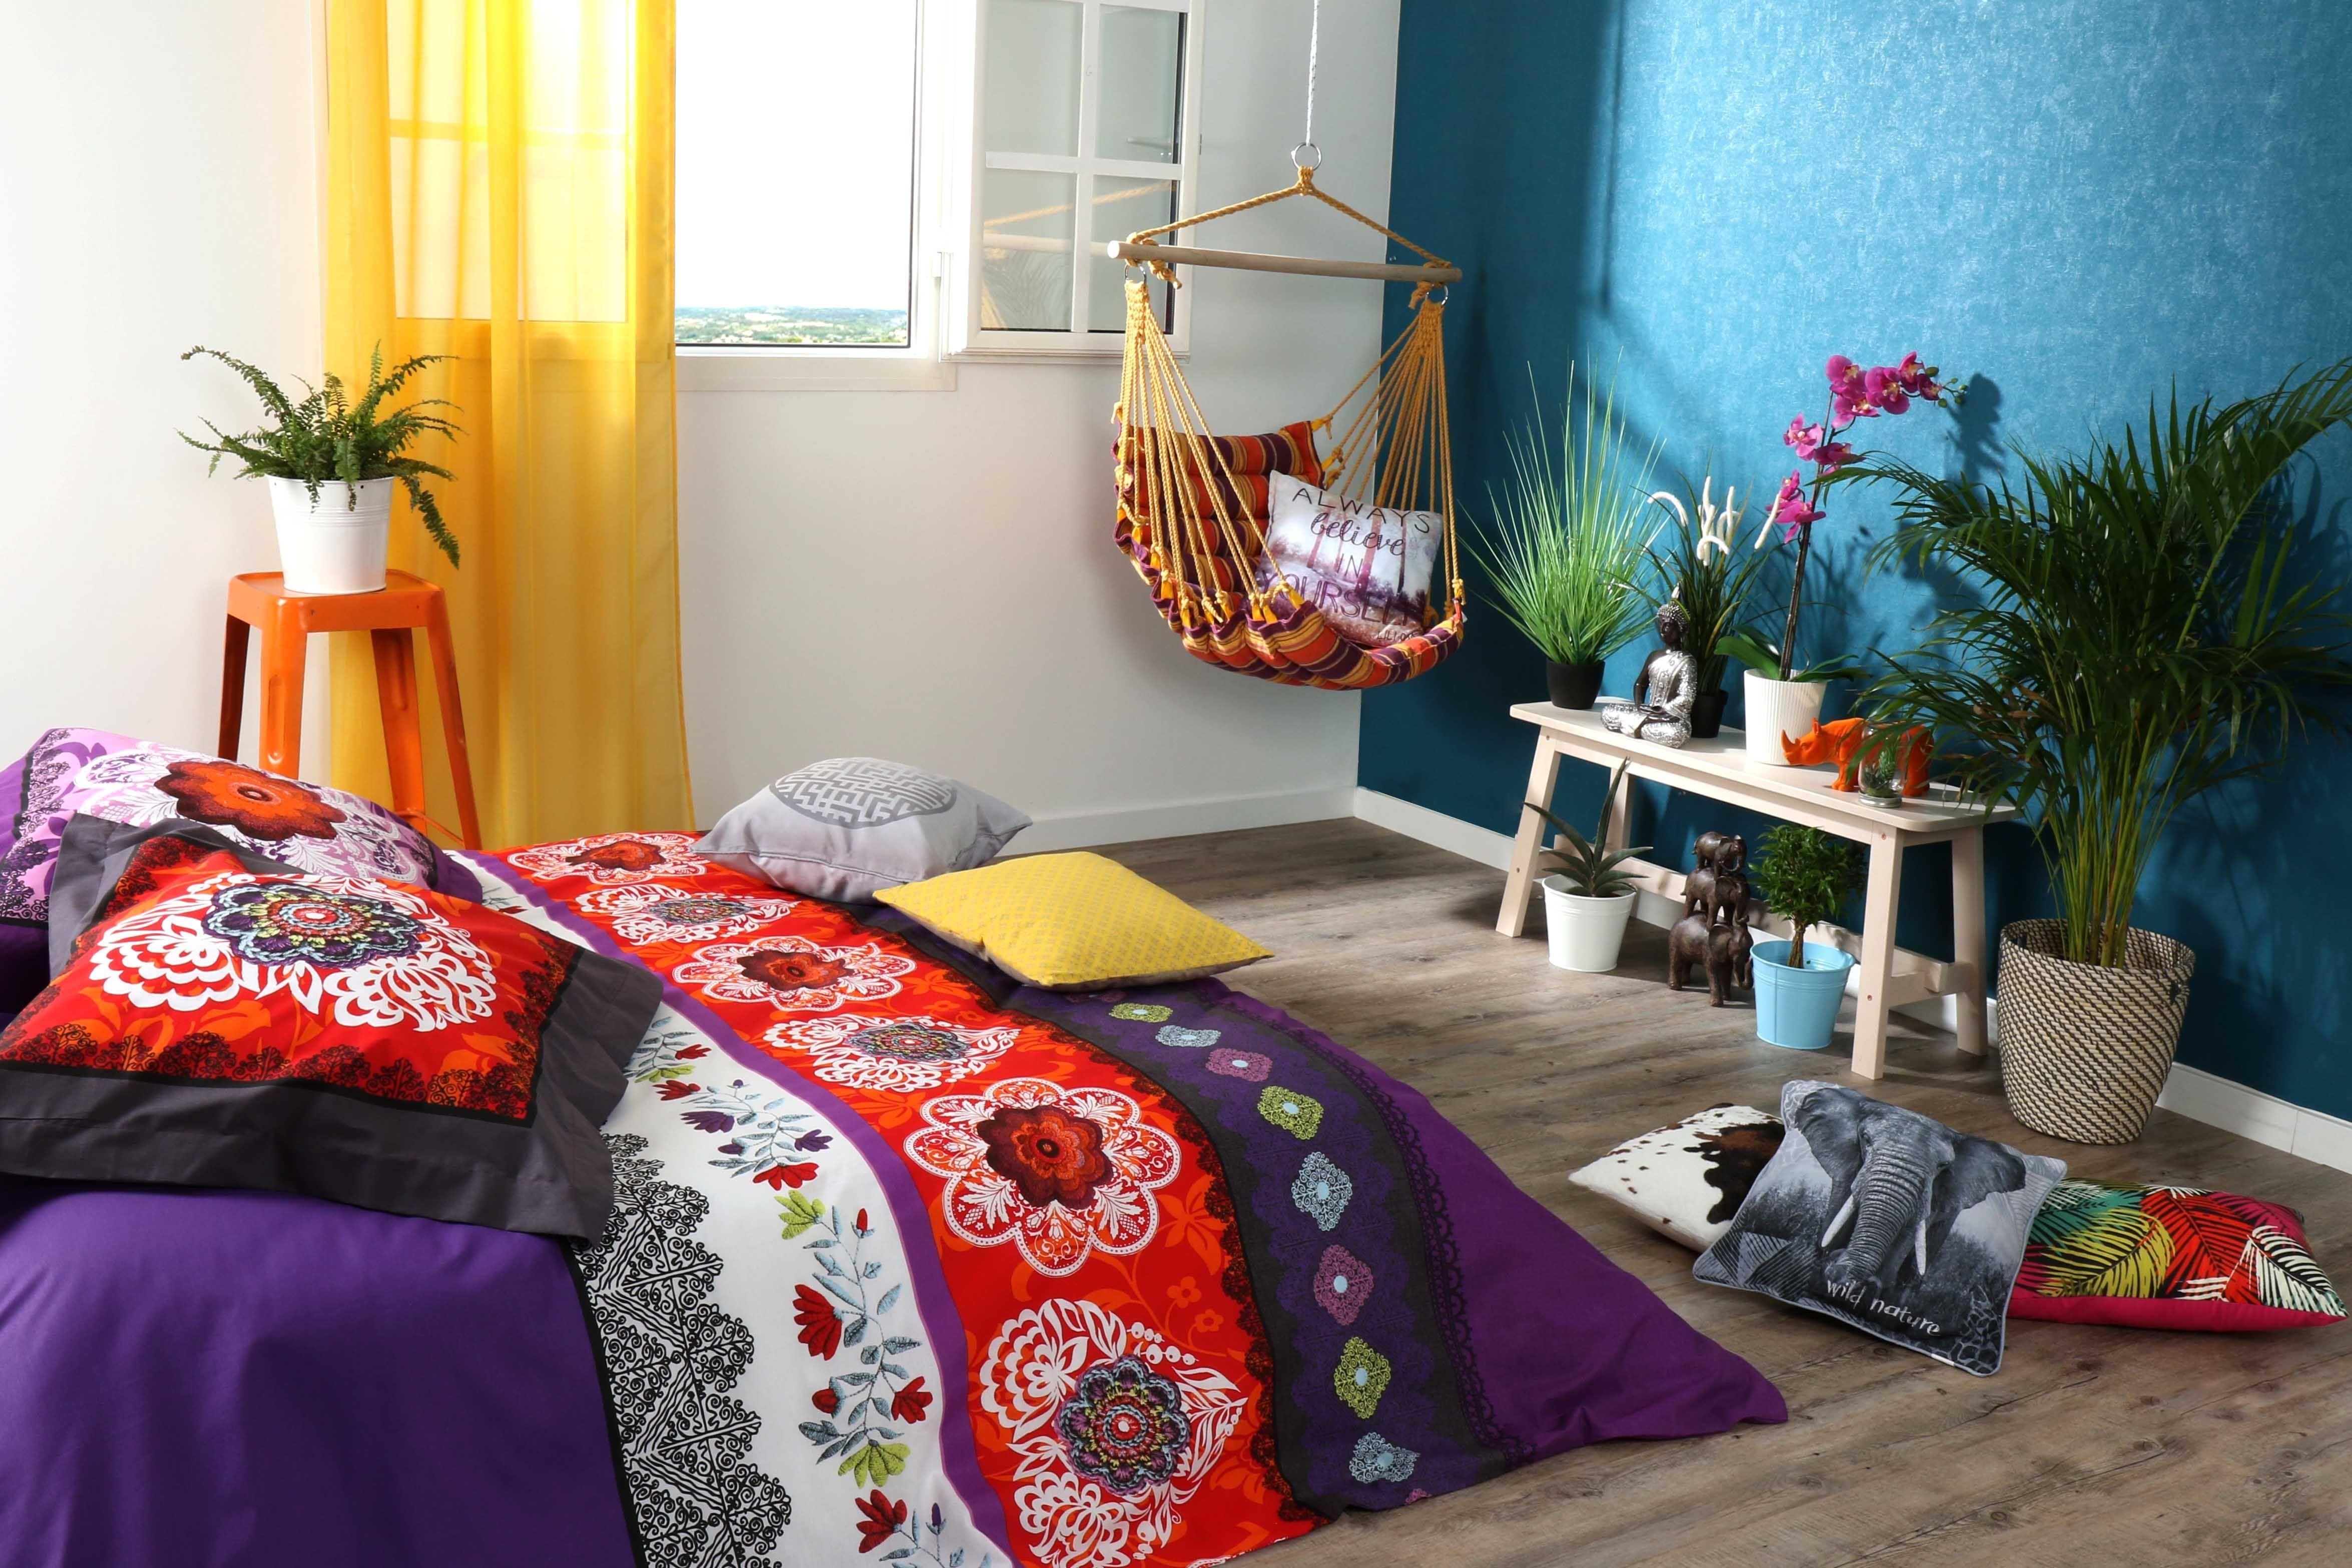 ambiance ethnique boh me pinterest ambiance ethnique et couleur. Black Bedroom Furniture Sets. Home Design Ideas